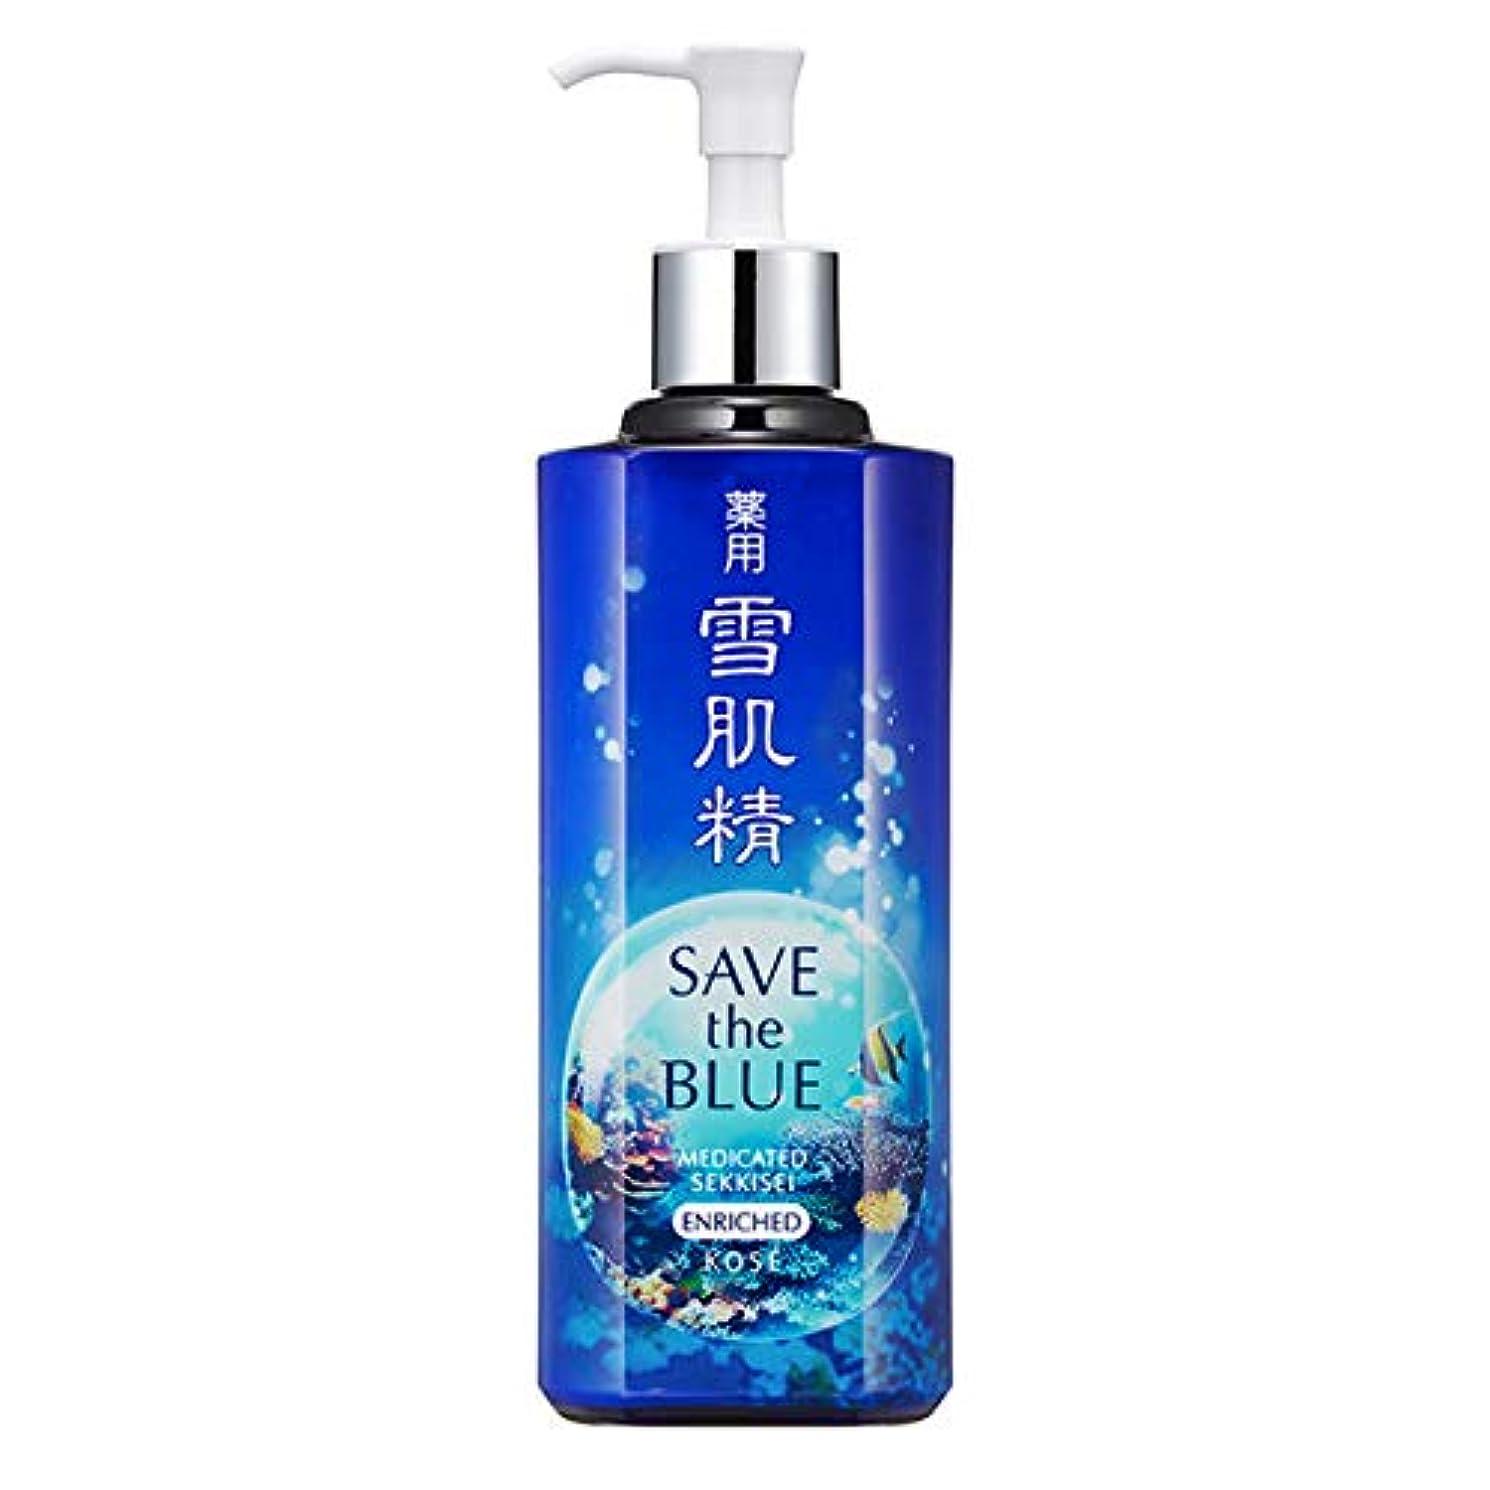 序文実用的のためコーセー 雪肌精 エンリッチ 「SAVE the BLUE」デザインボトル(しっとりタイプ) 500ml